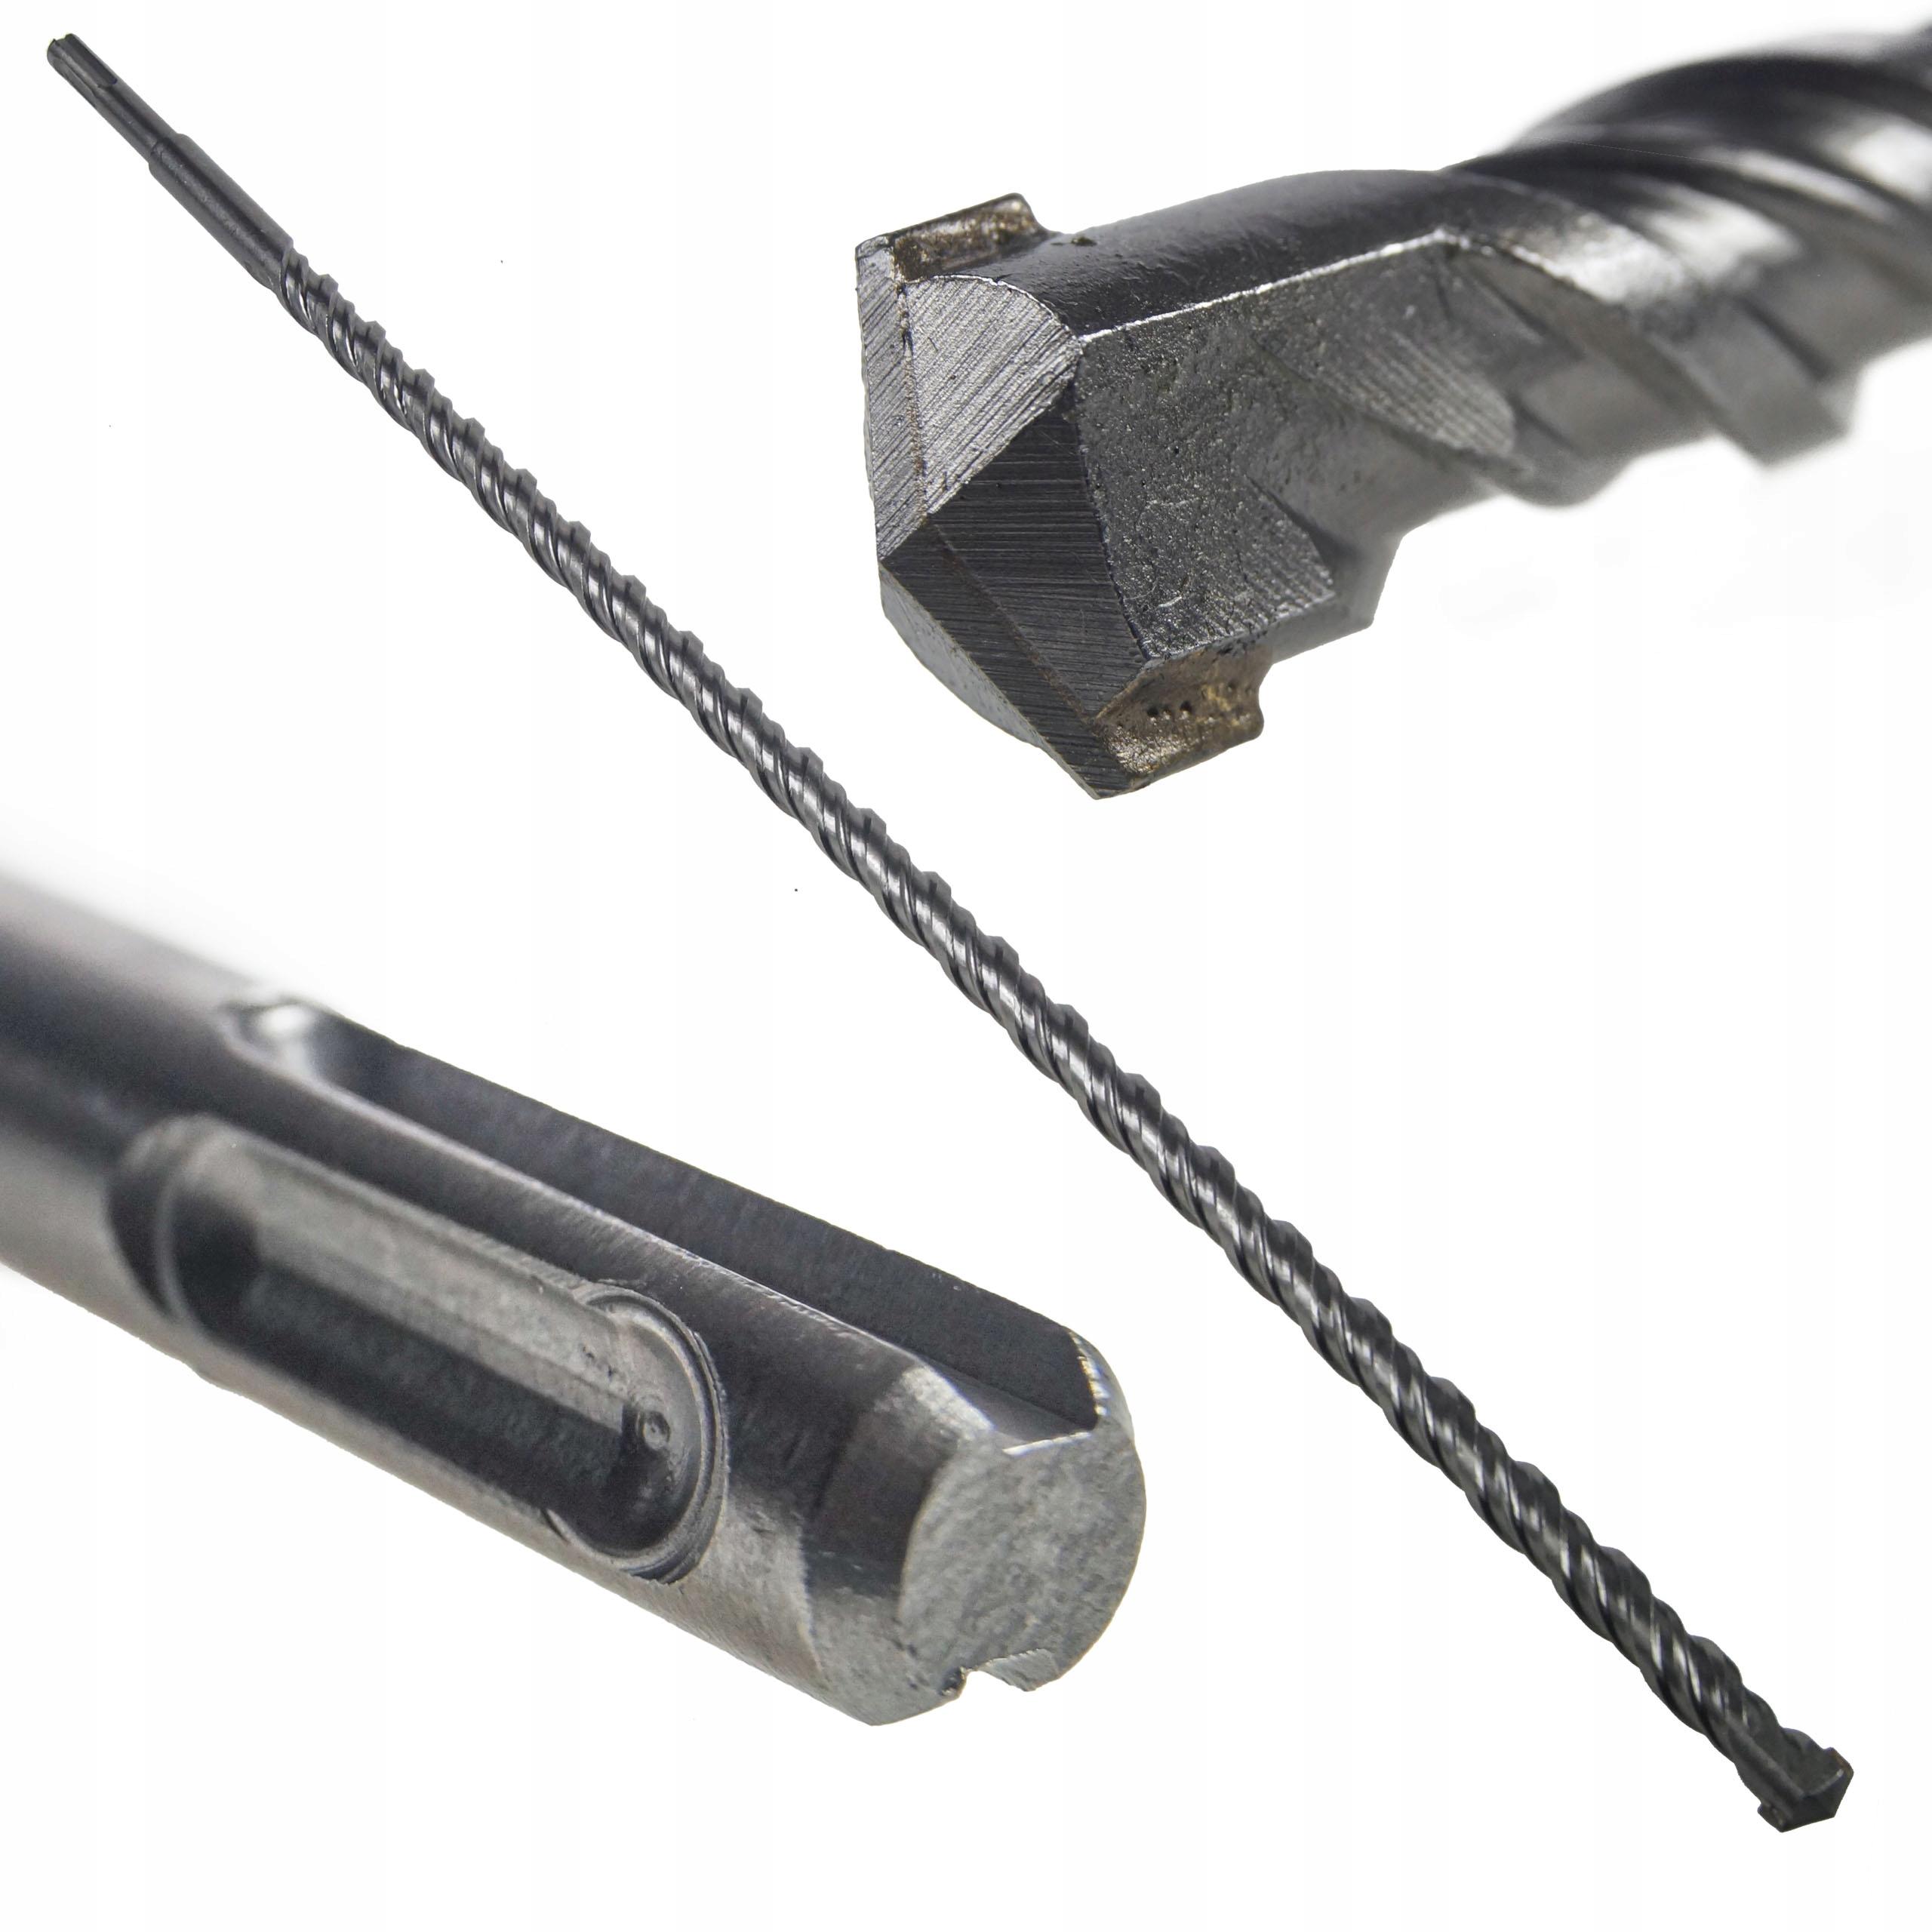 SDS MAX 30x800 Drill Bit (31556)